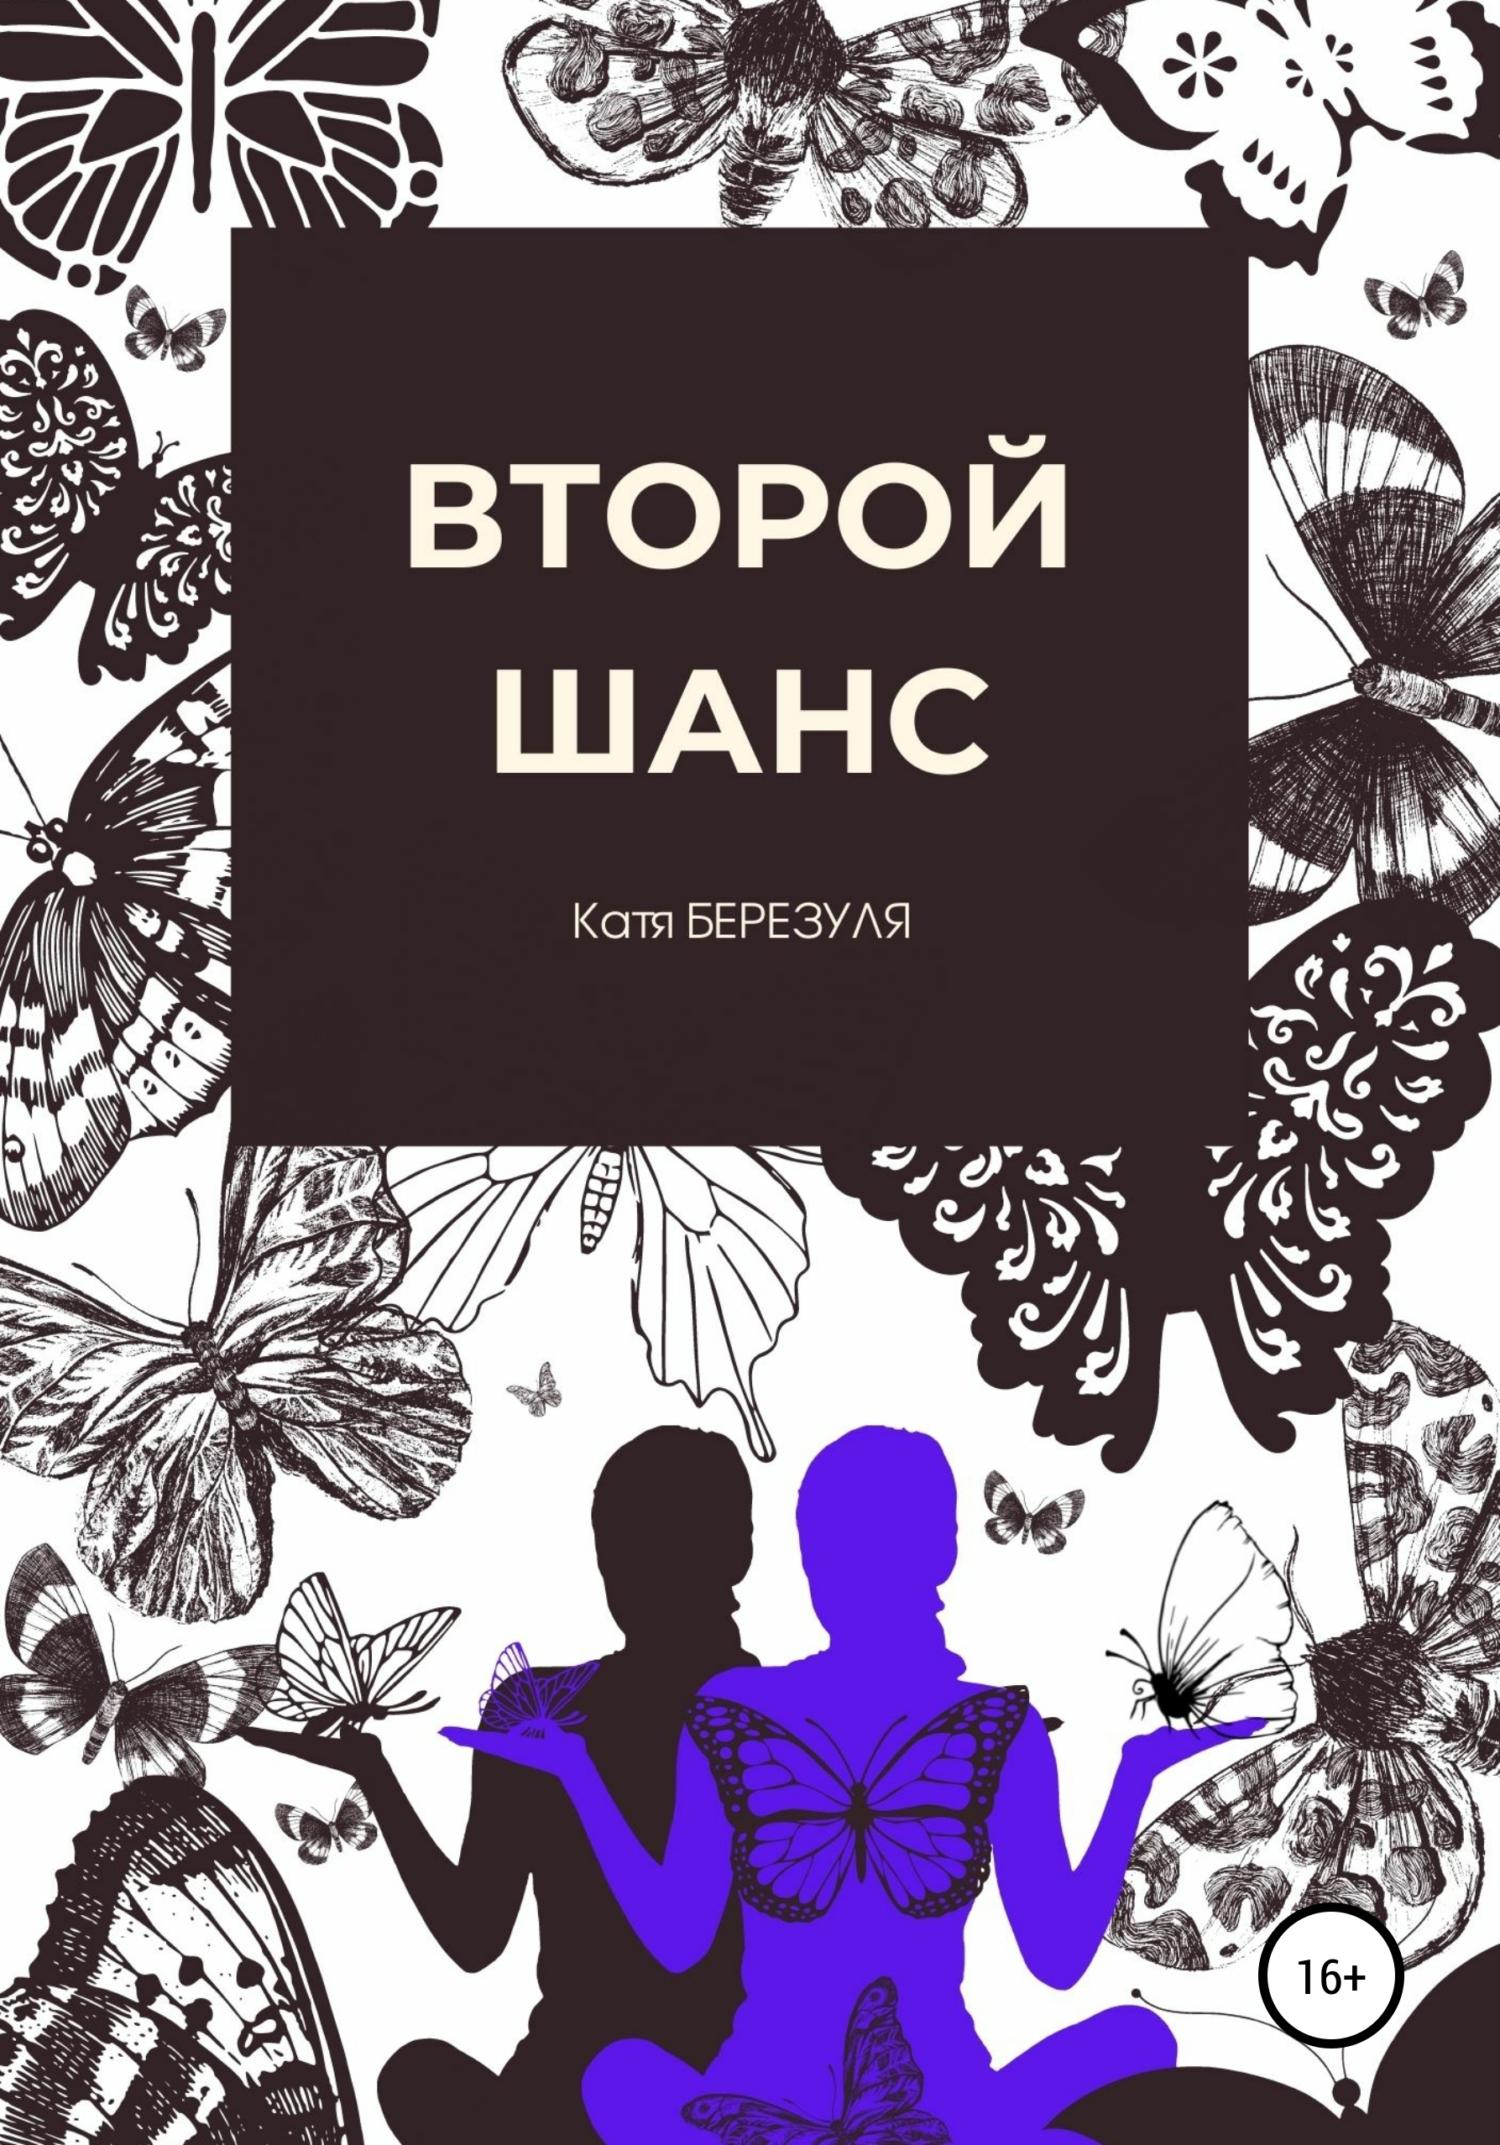 Екатерина Алексеевна Березовская Второй шанс екатерина алексеевна березовская второй шанс